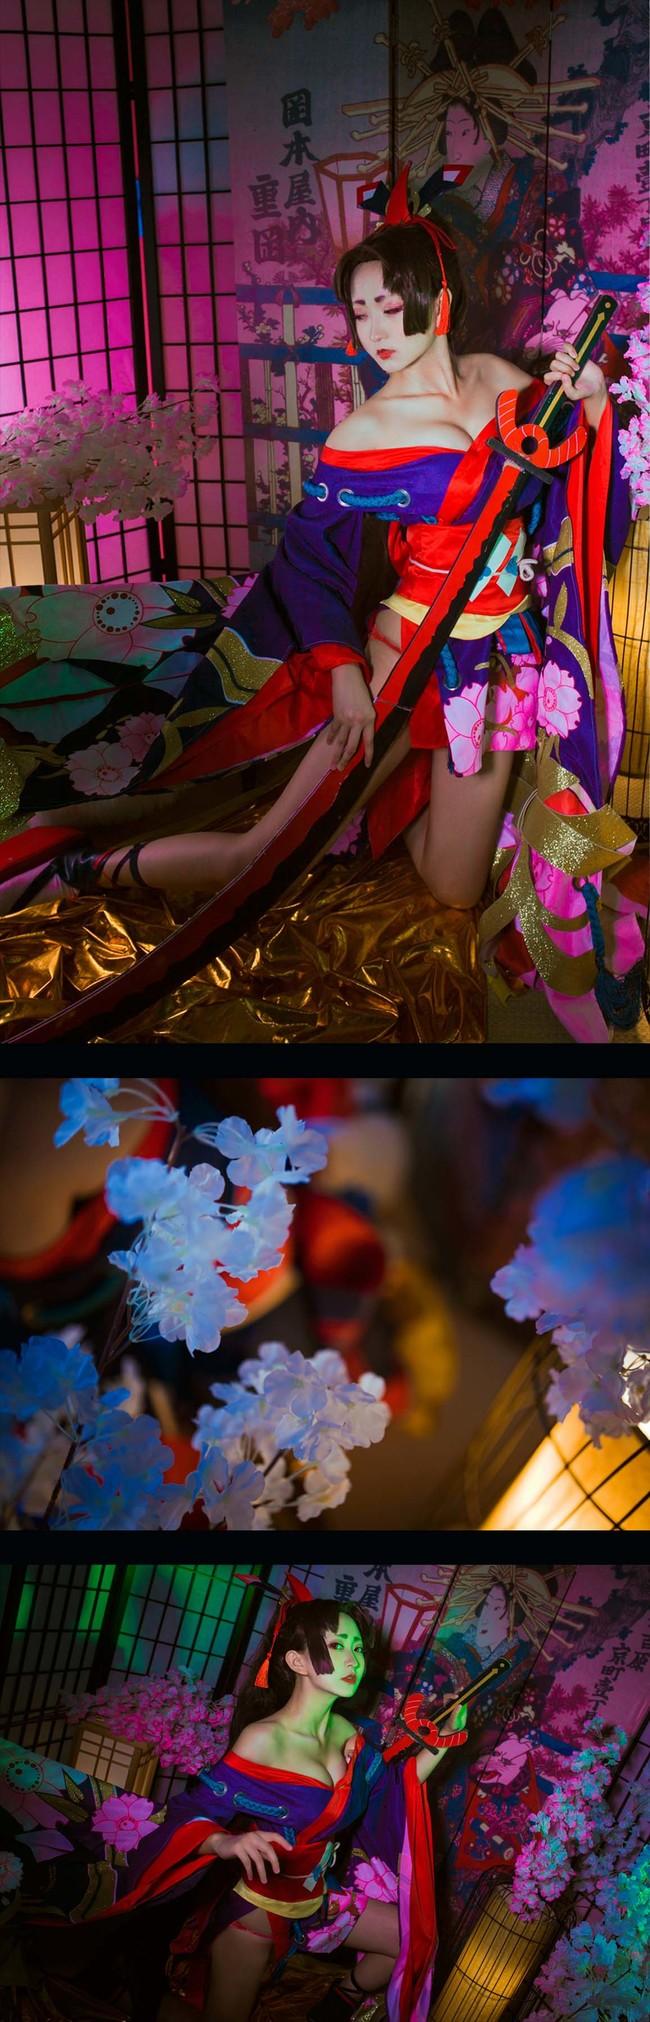 阴阳师,妖刀姬,您算哪根葱